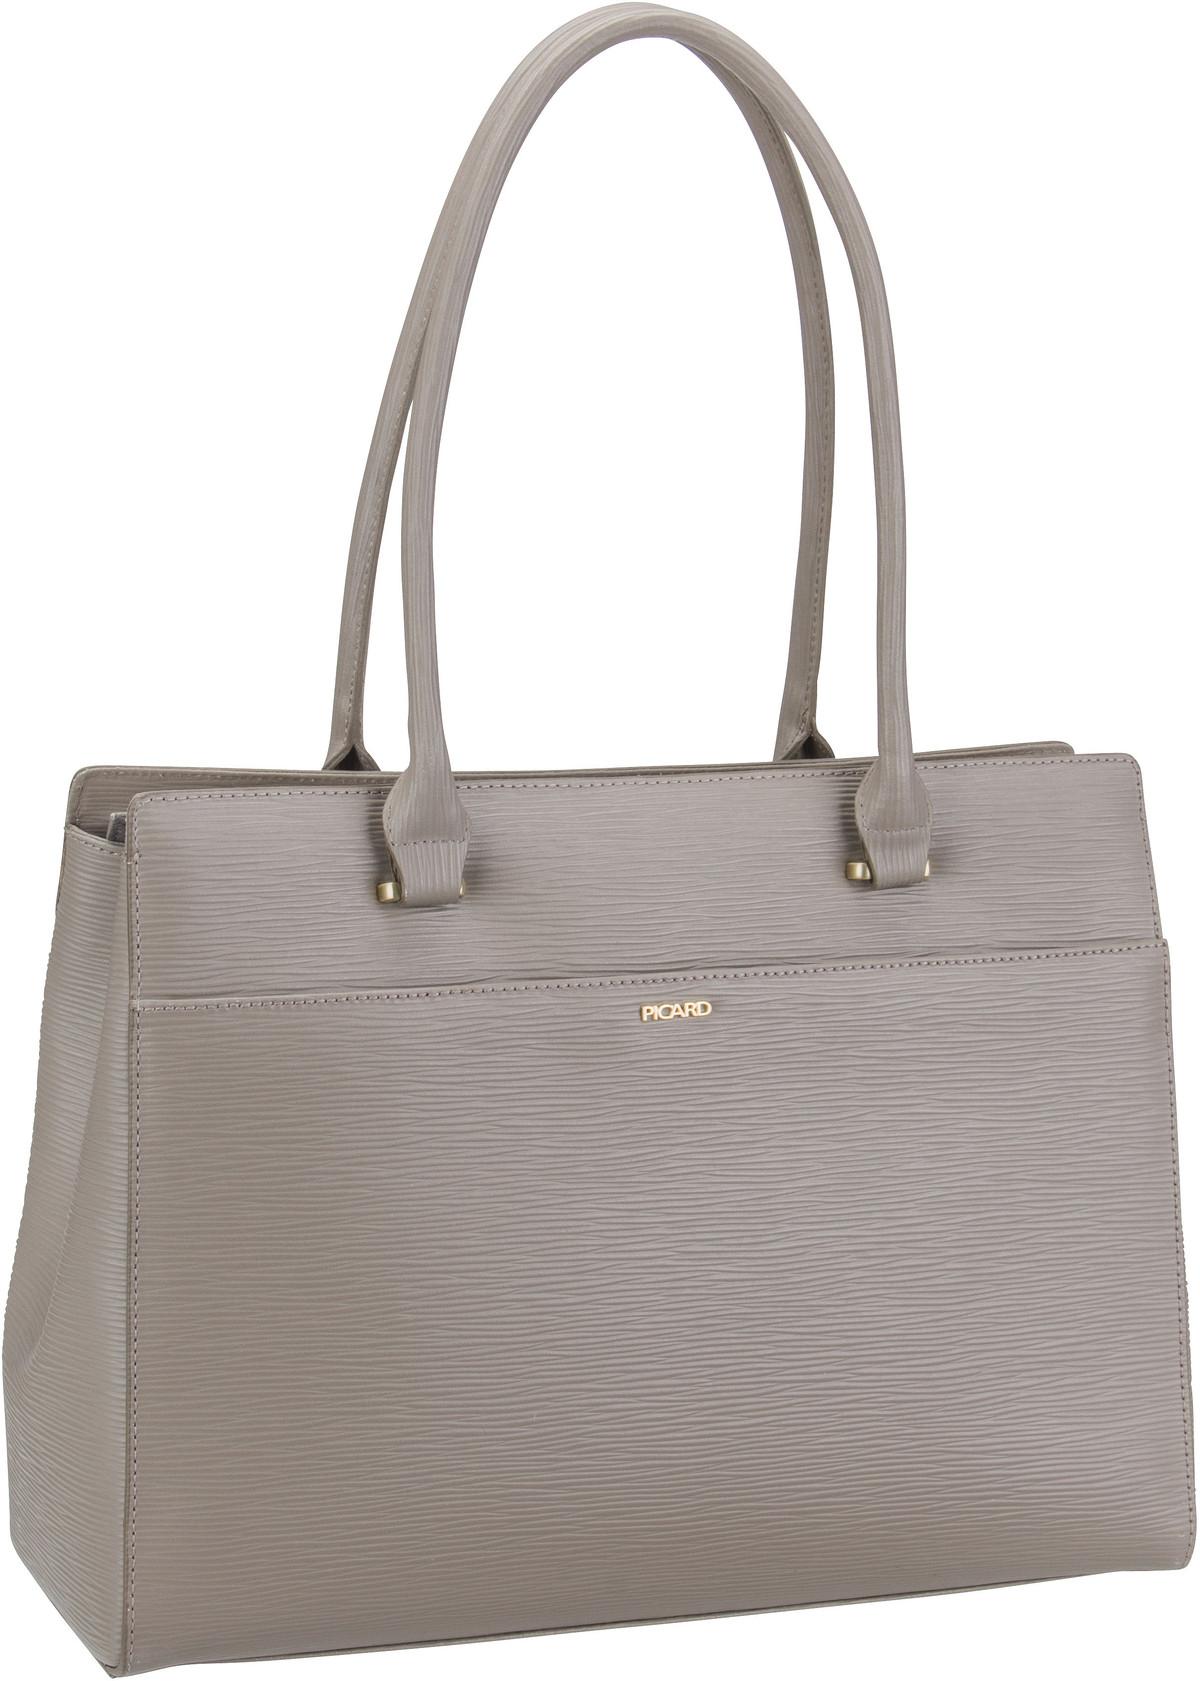 Handtasche Vanity 4830 Cement